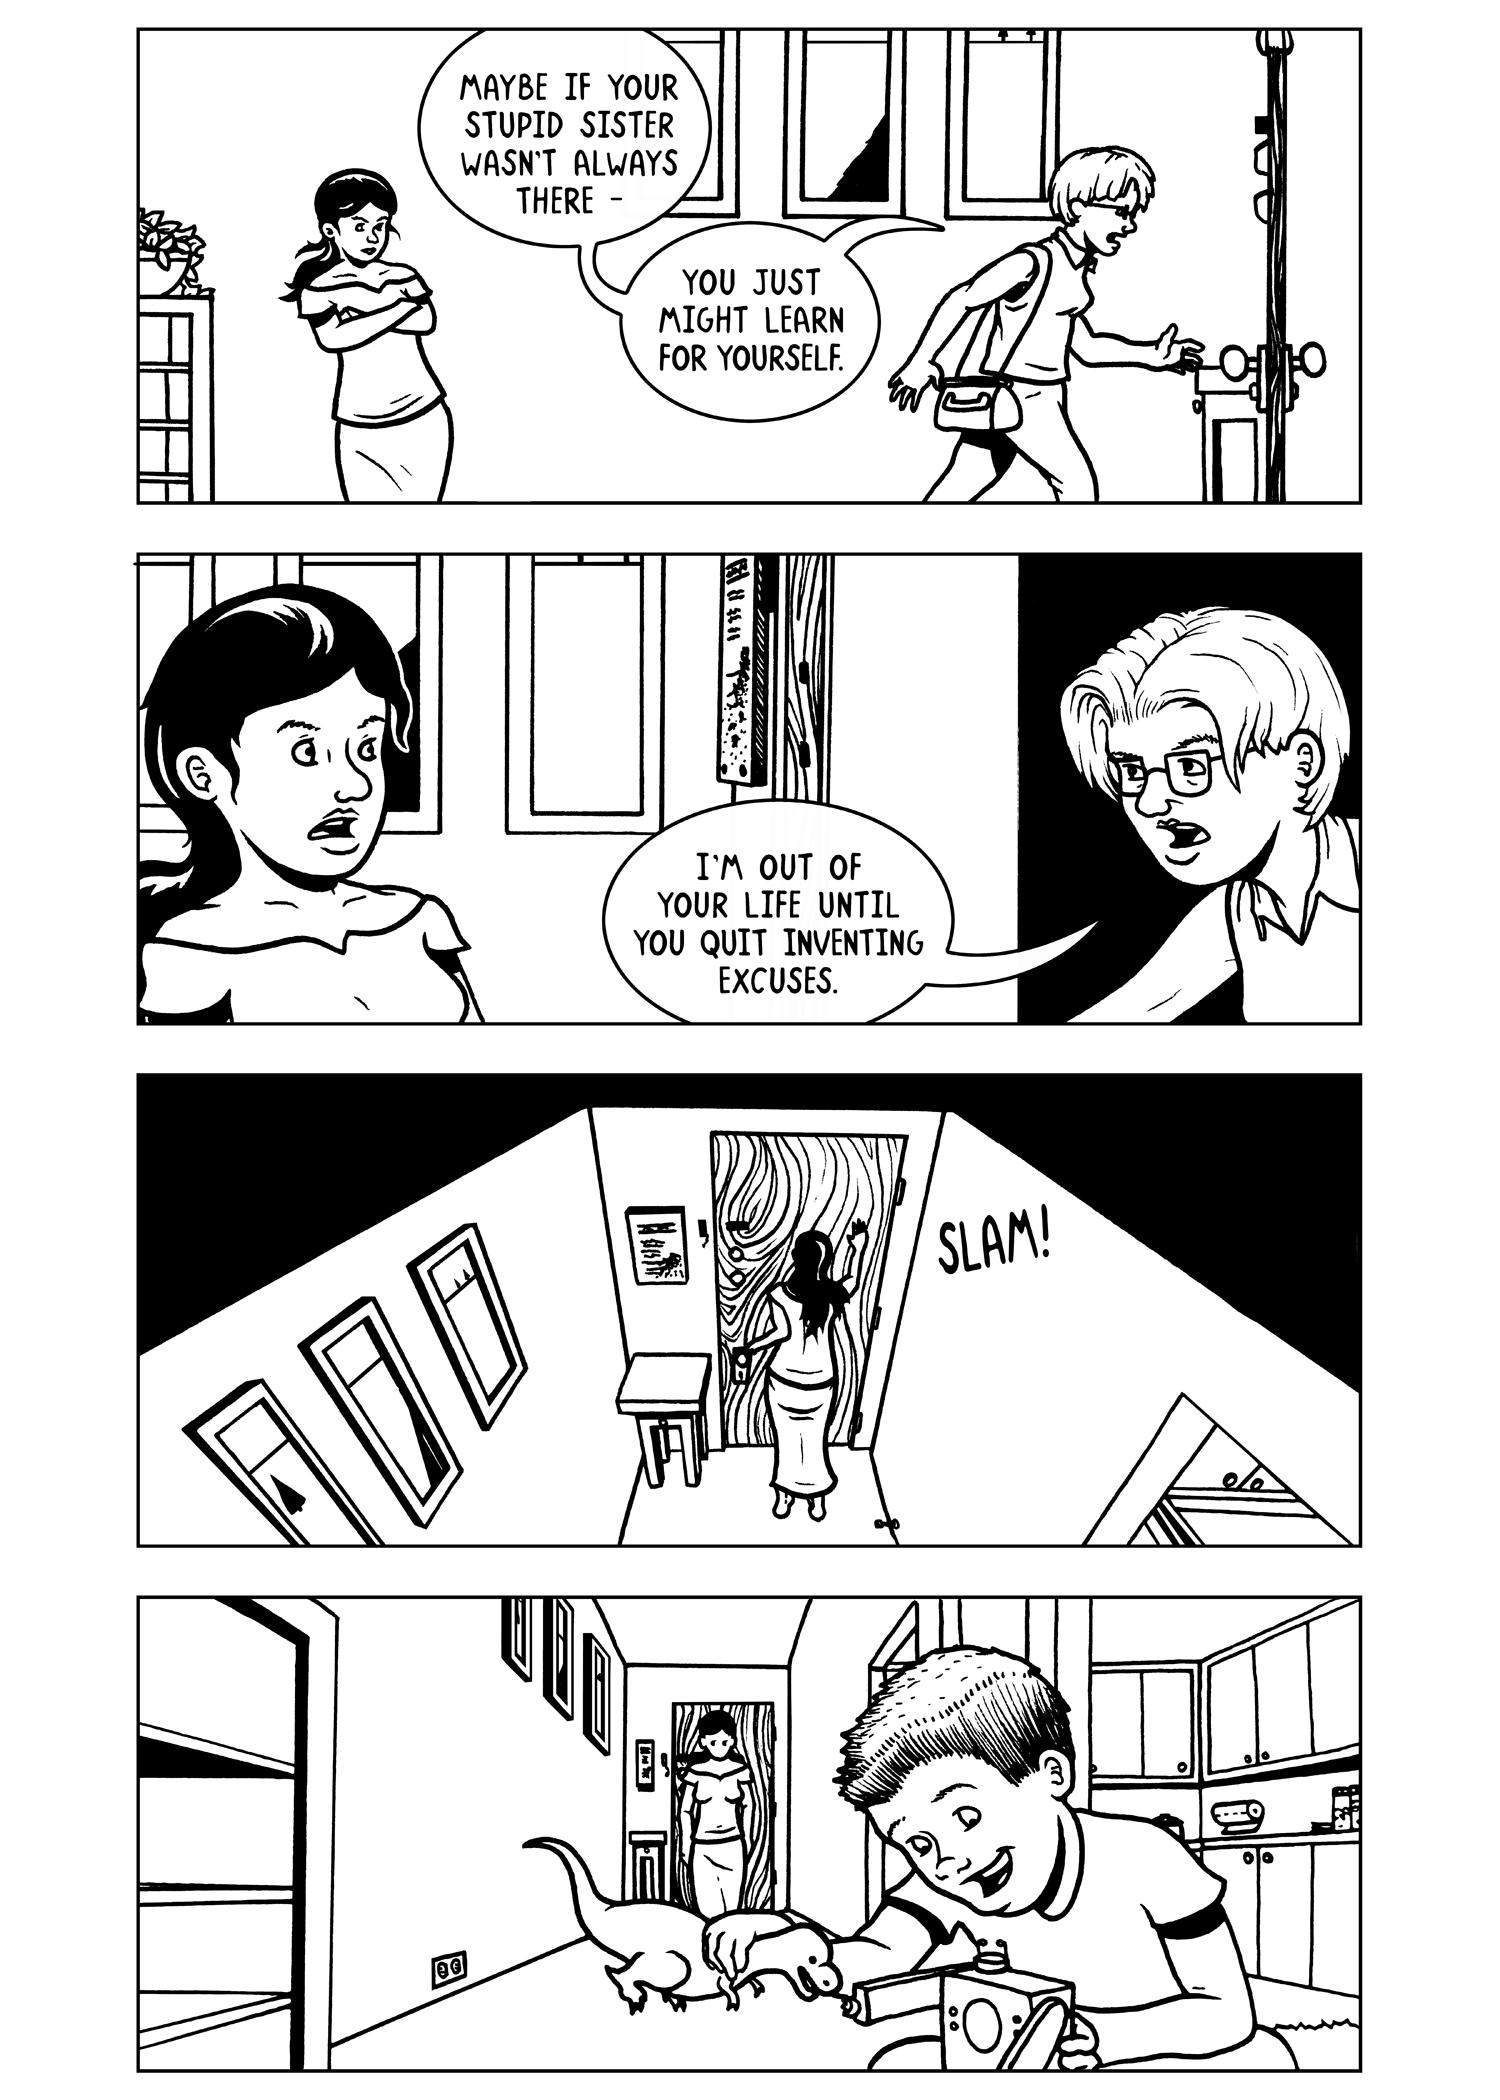 QWERTY_comic_12